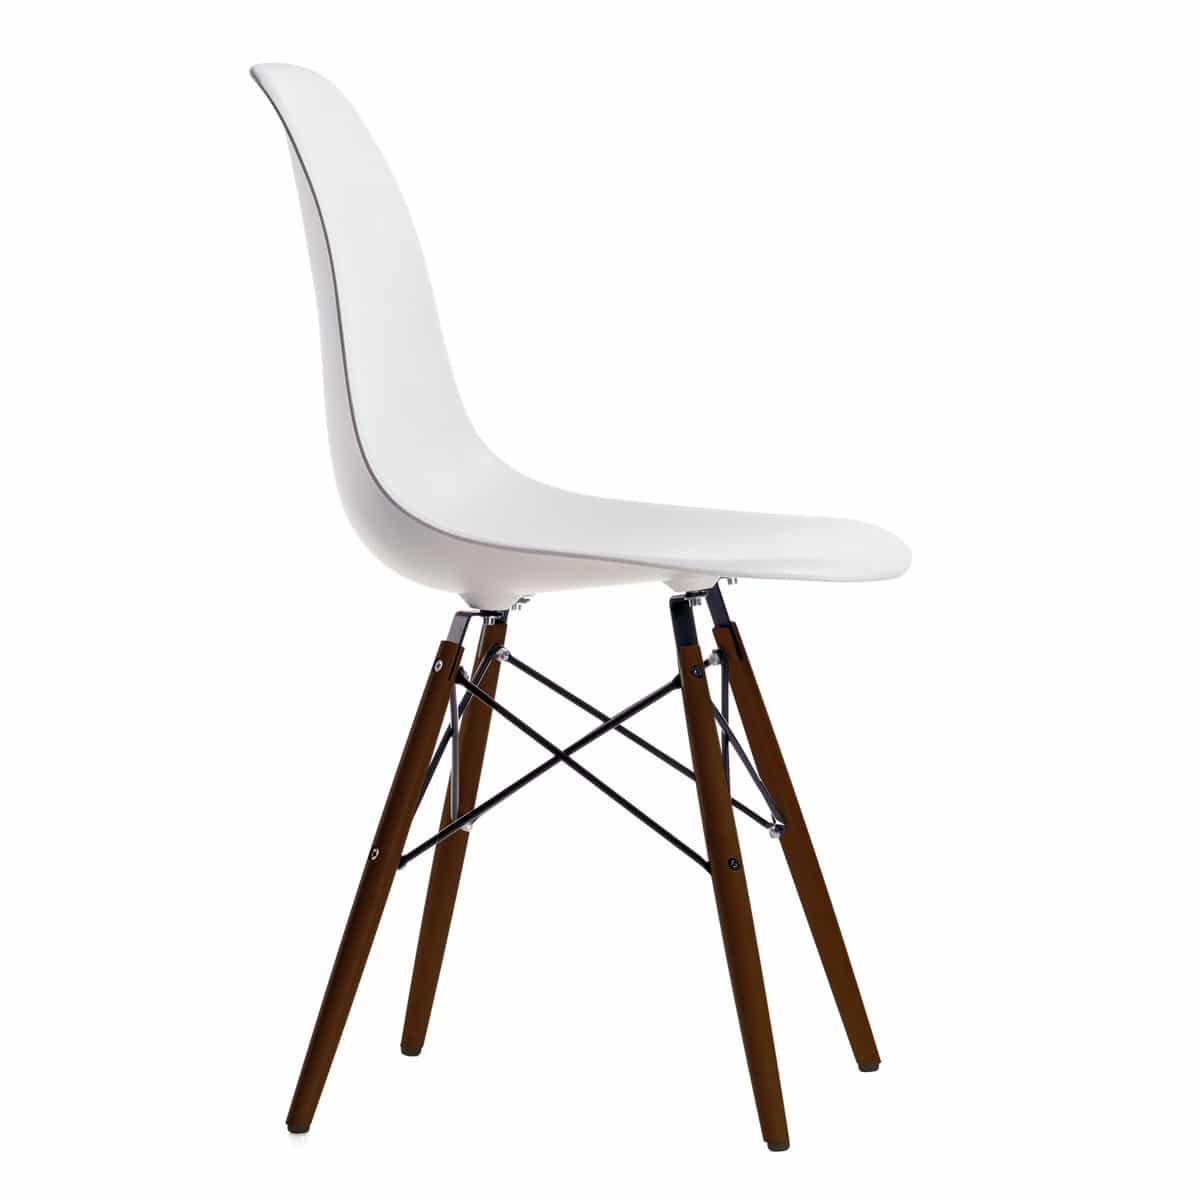 Vitra stol amazing vitra stol with vitra stol cool vitra for Vitra rar replica